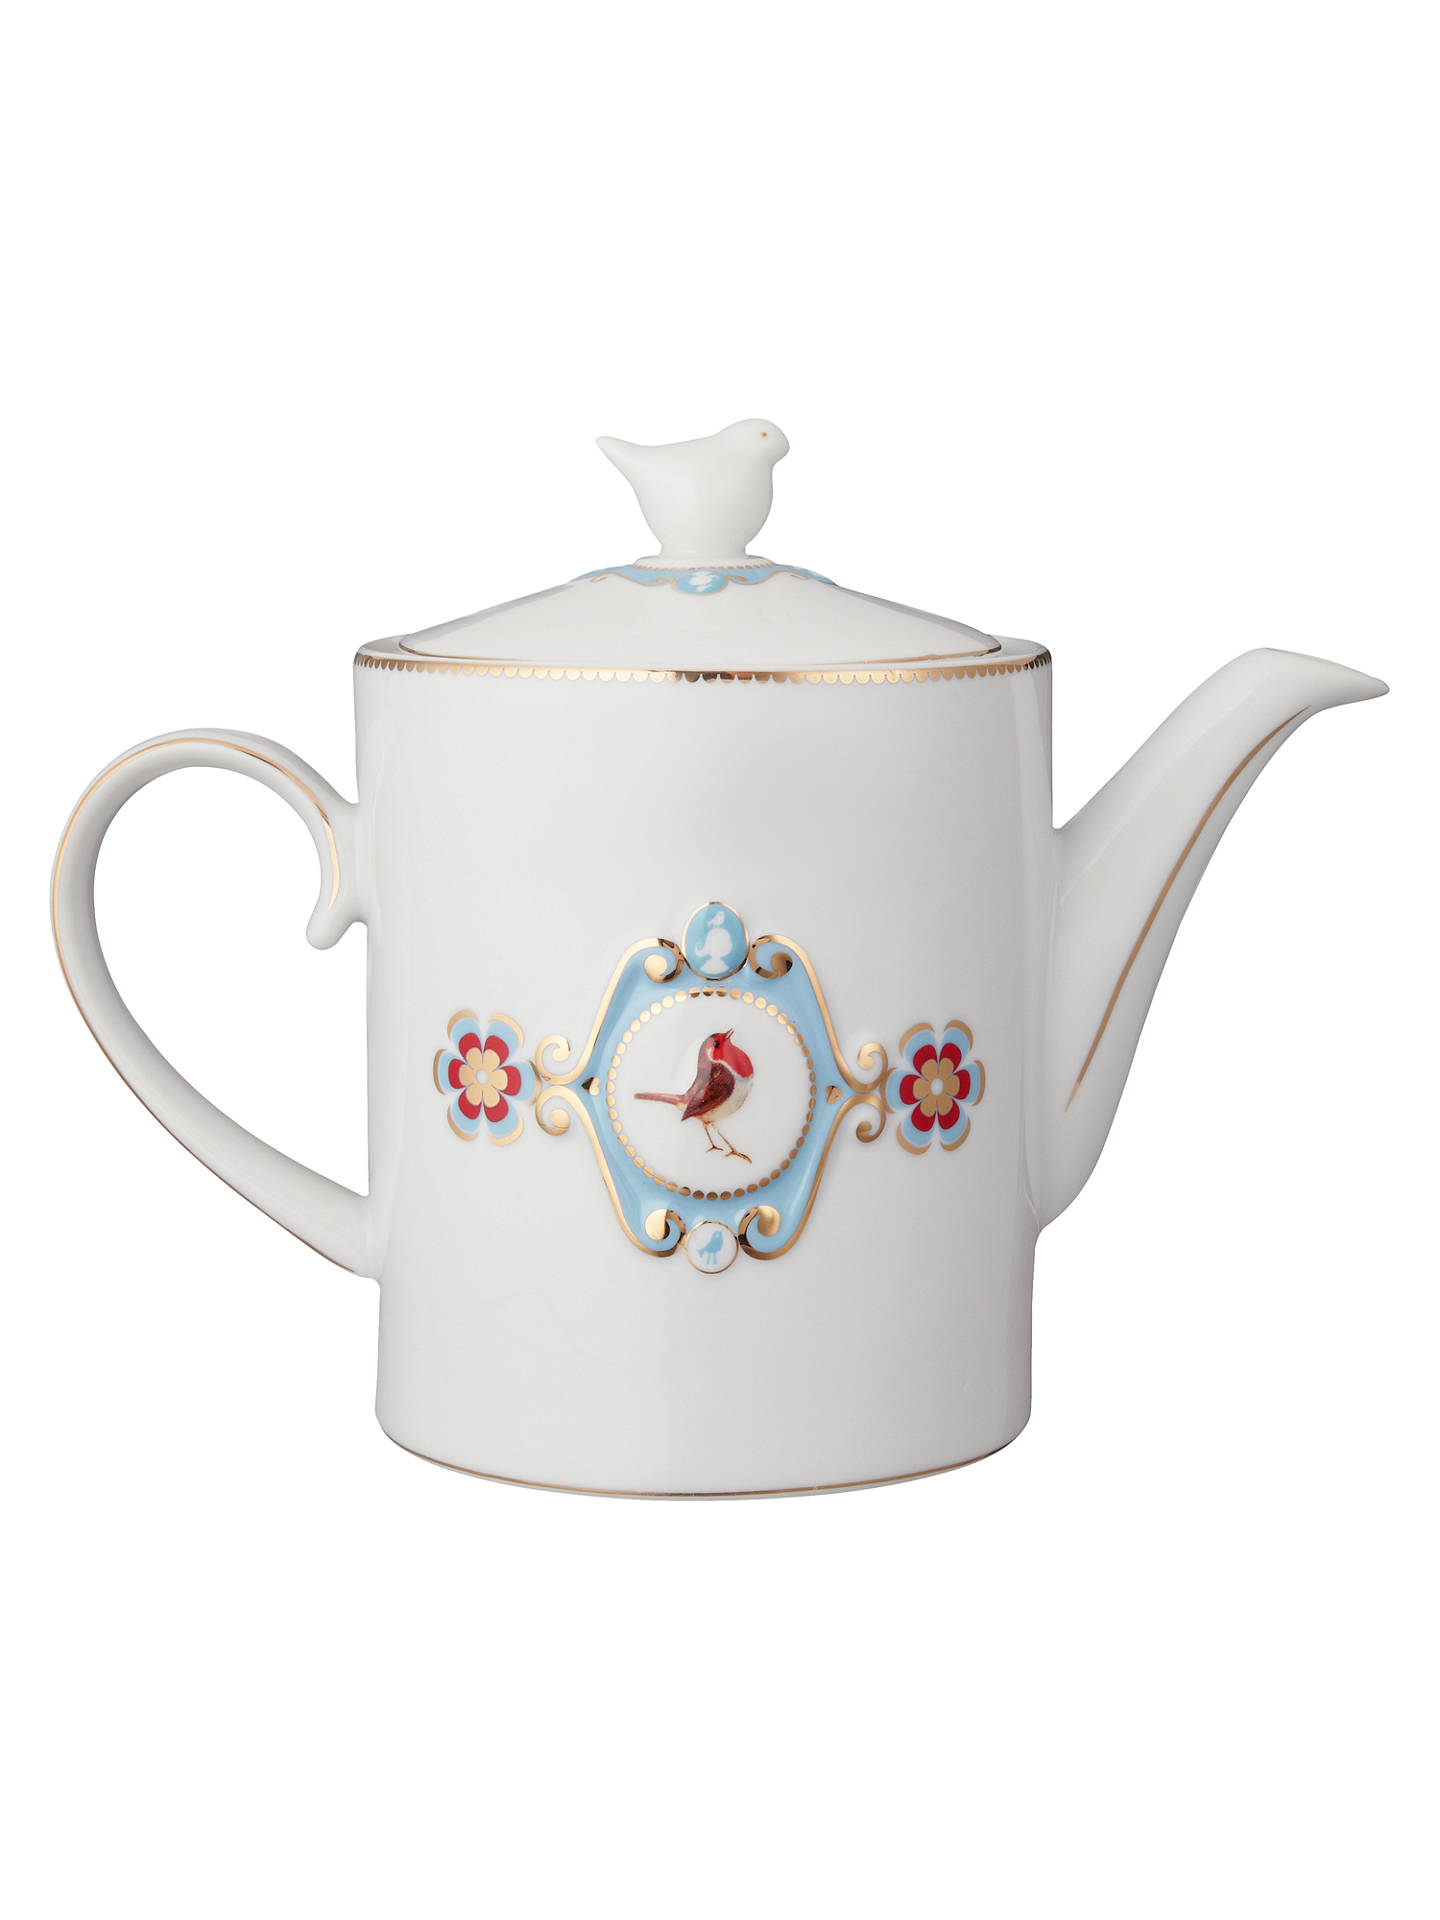 Pip Studio Love Birds Teapot 1 25l